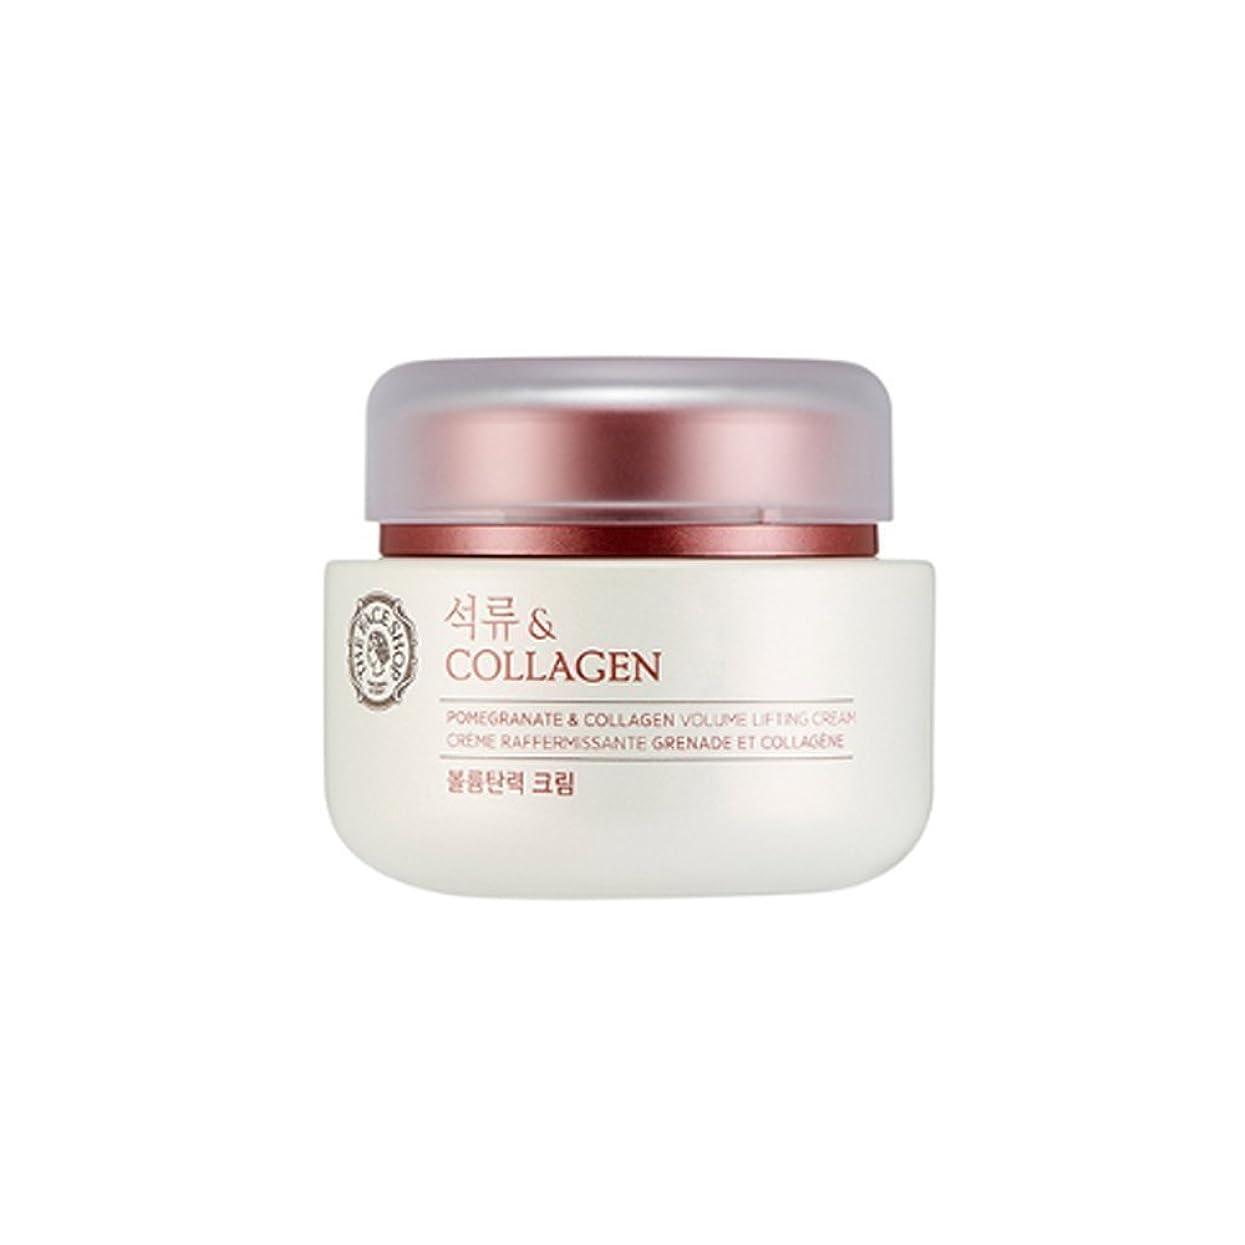 クッション化石申込みTHE FACE SHOP Pomegranate & Collagen Volume Lifting Cream 100ml/ザフェイスショップ ザクロ アンド コラーゲン ボリューム リフティング クリーム 100ml